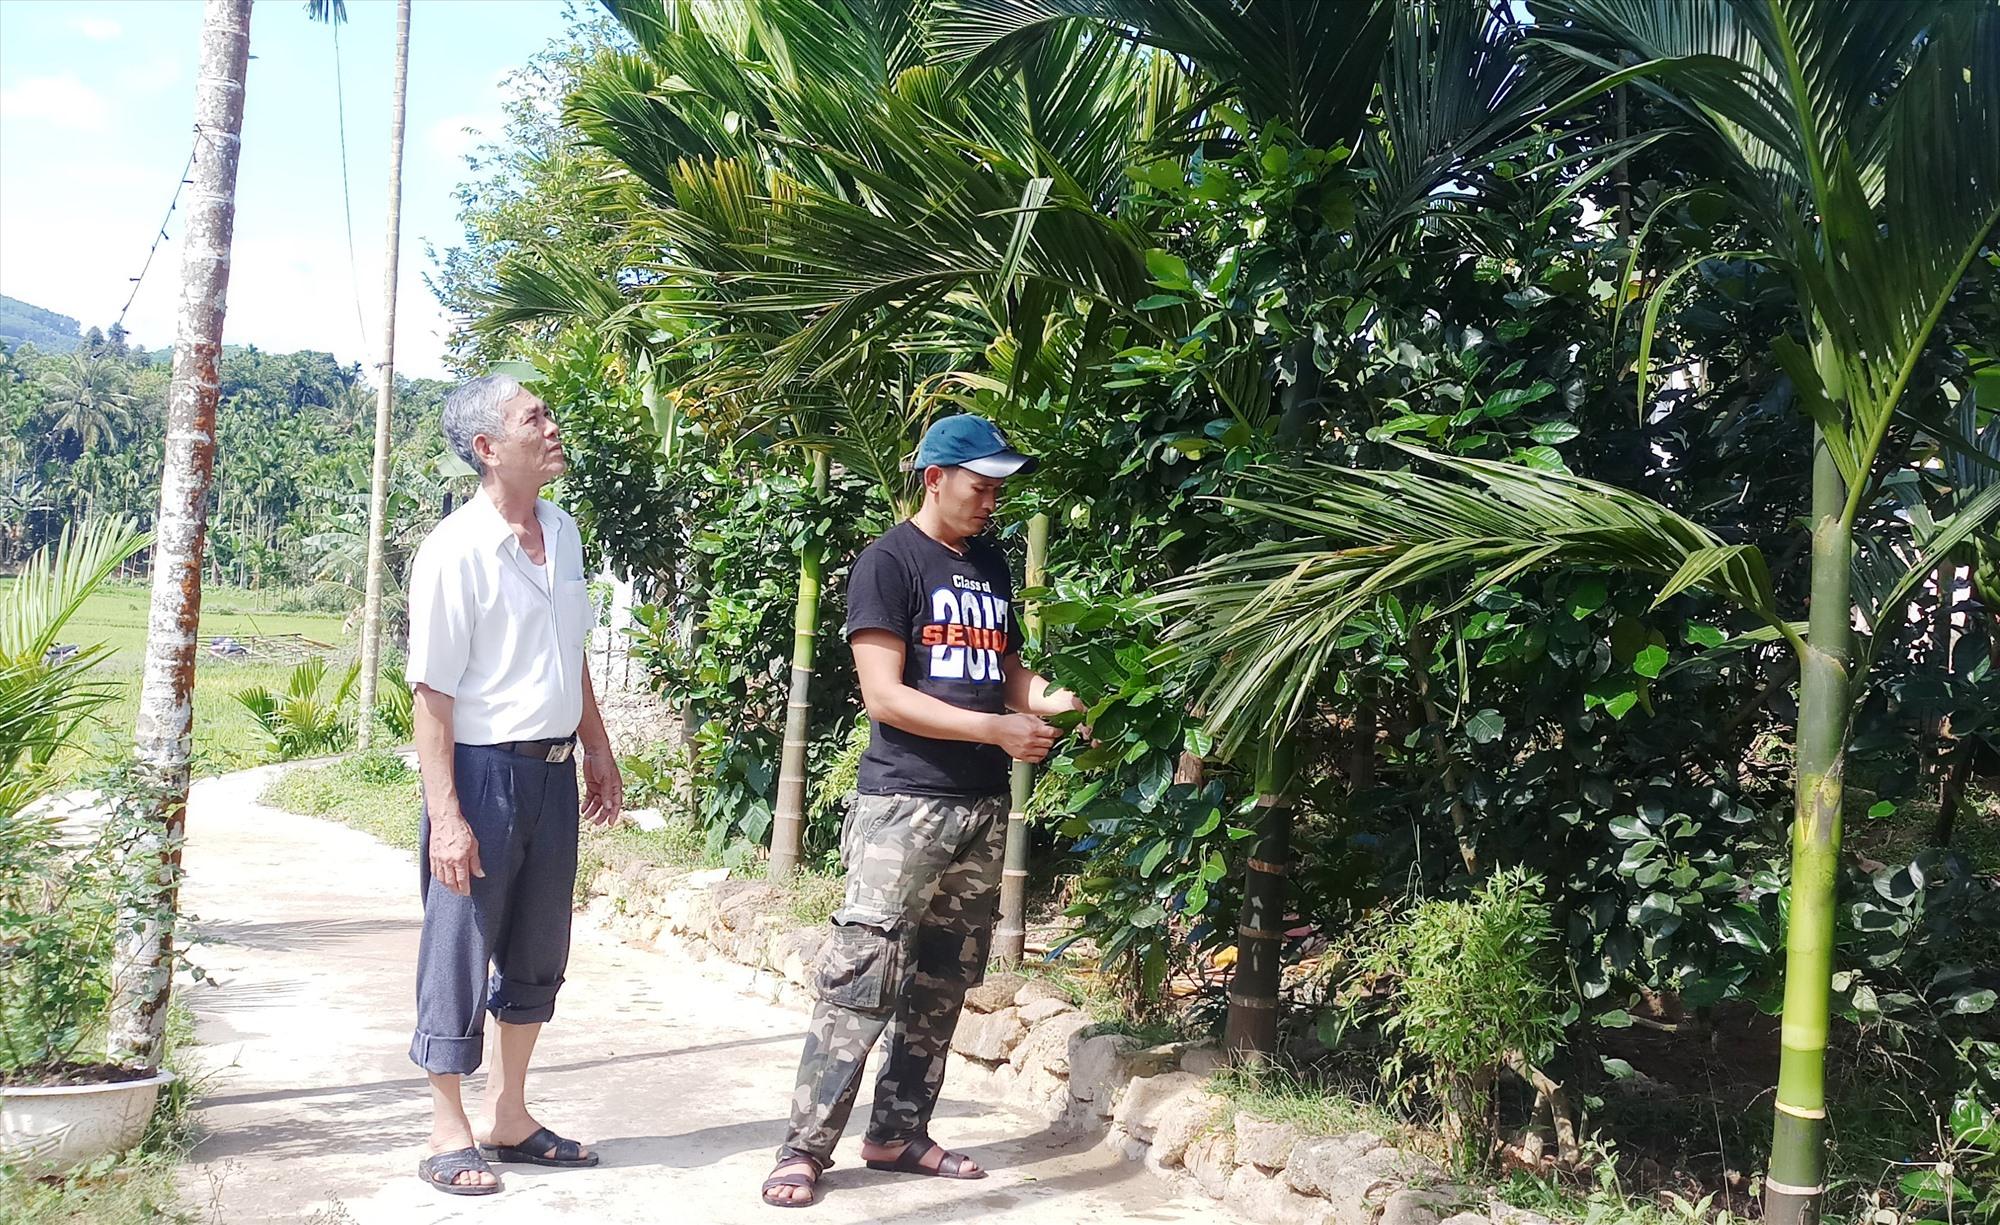 Anh Nguyễn Hữu Tuân, thôn Hữu Lâm, thị trấn Tiên Kỳ (Tiên Phước) bên vườn cây trái của gia đình.